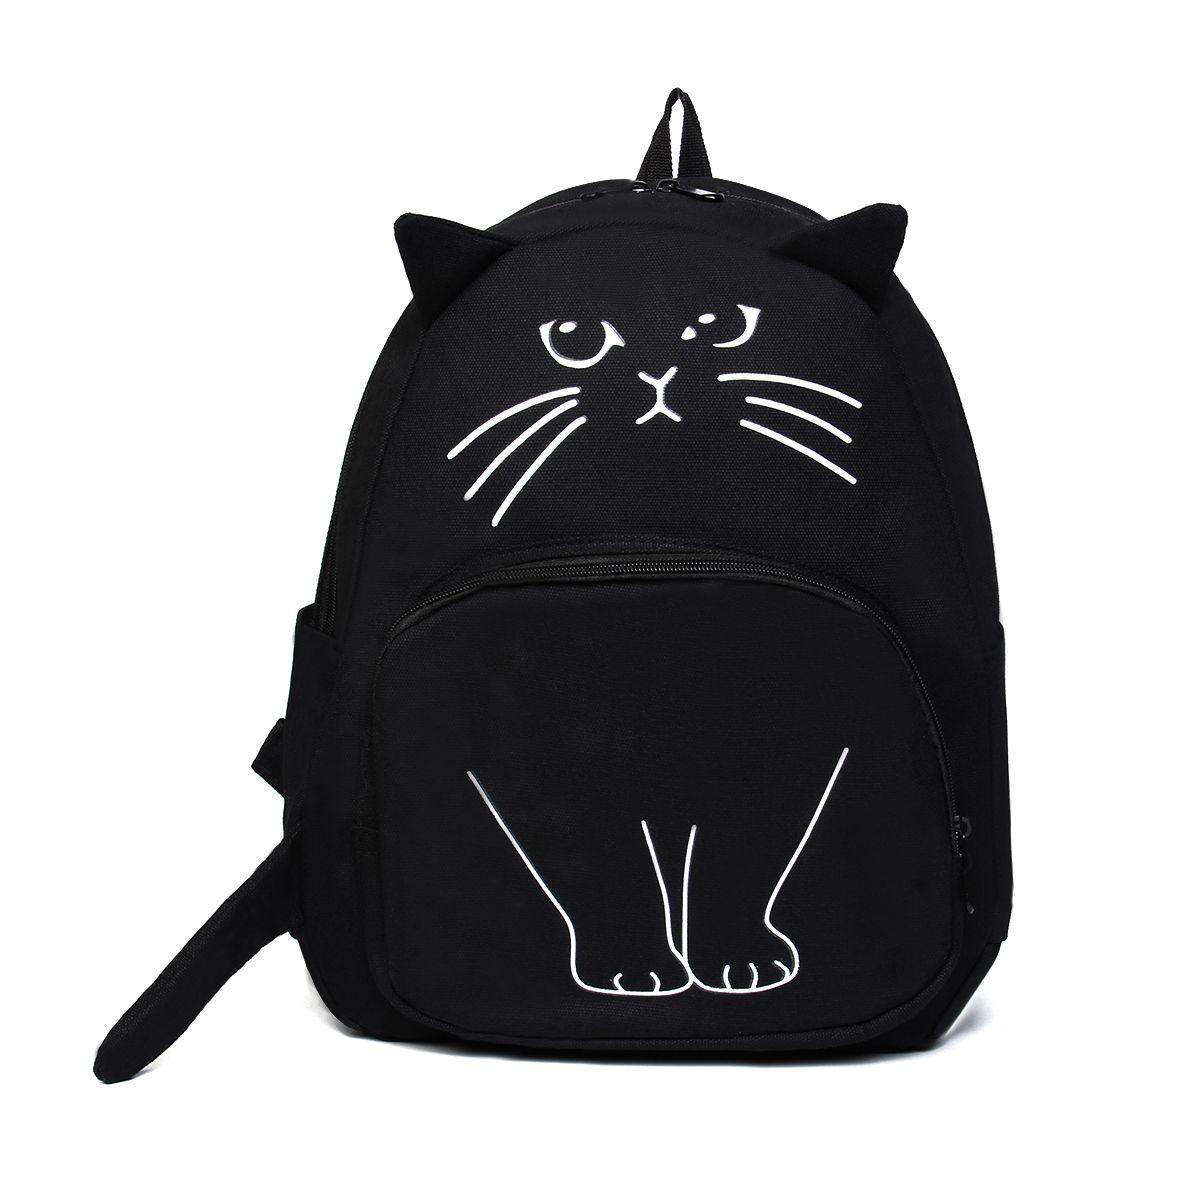 Osmond femmes mignon chat sac à dos noir toile sac d'école pour adolescentes cartable impression 3D sac à dos voyage sac à dos Mochila